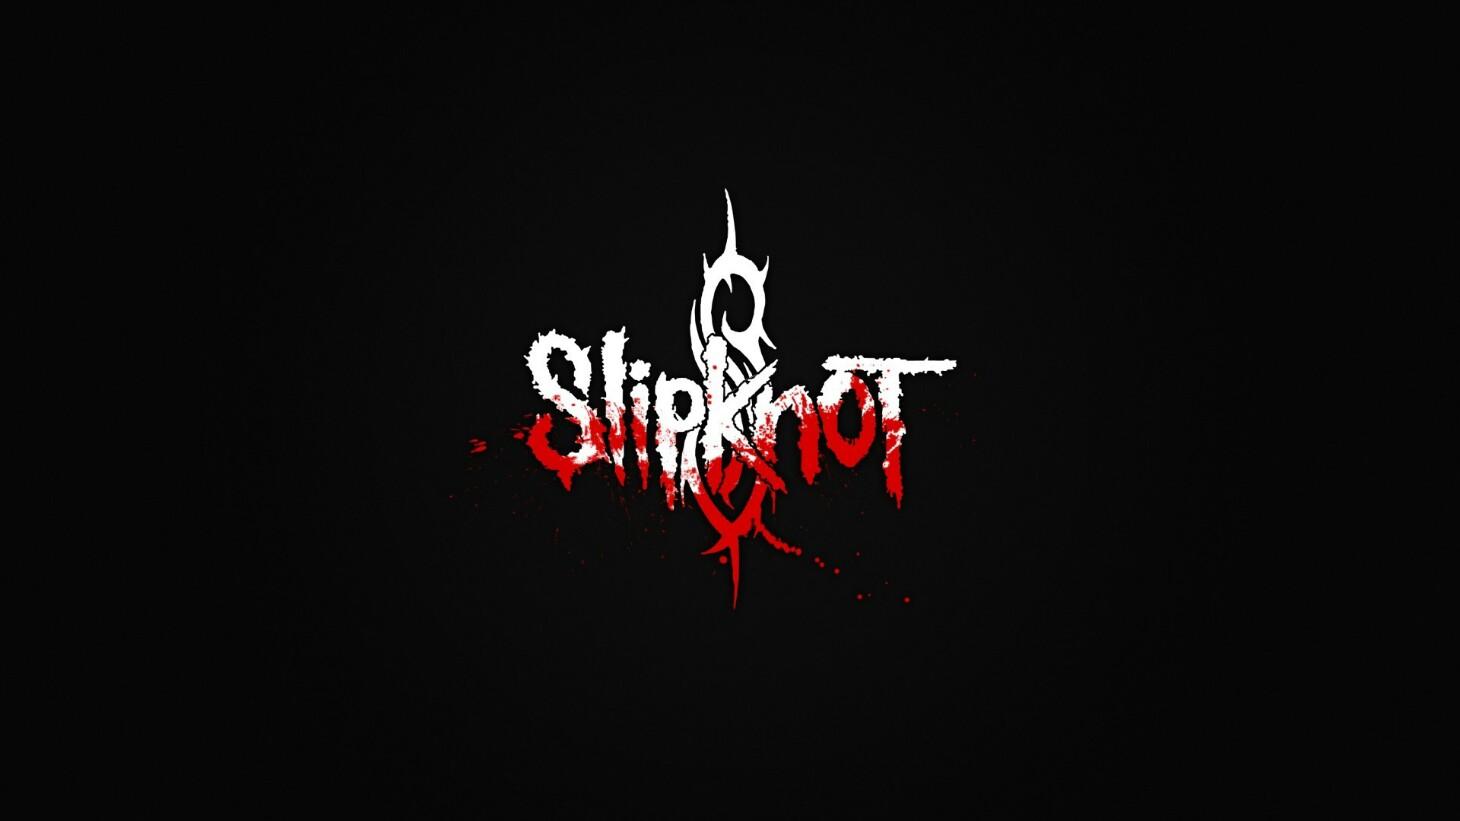 Slipknot Wallpapers HD A11   HD Desktop Wallpapers 4k HD 1460x821